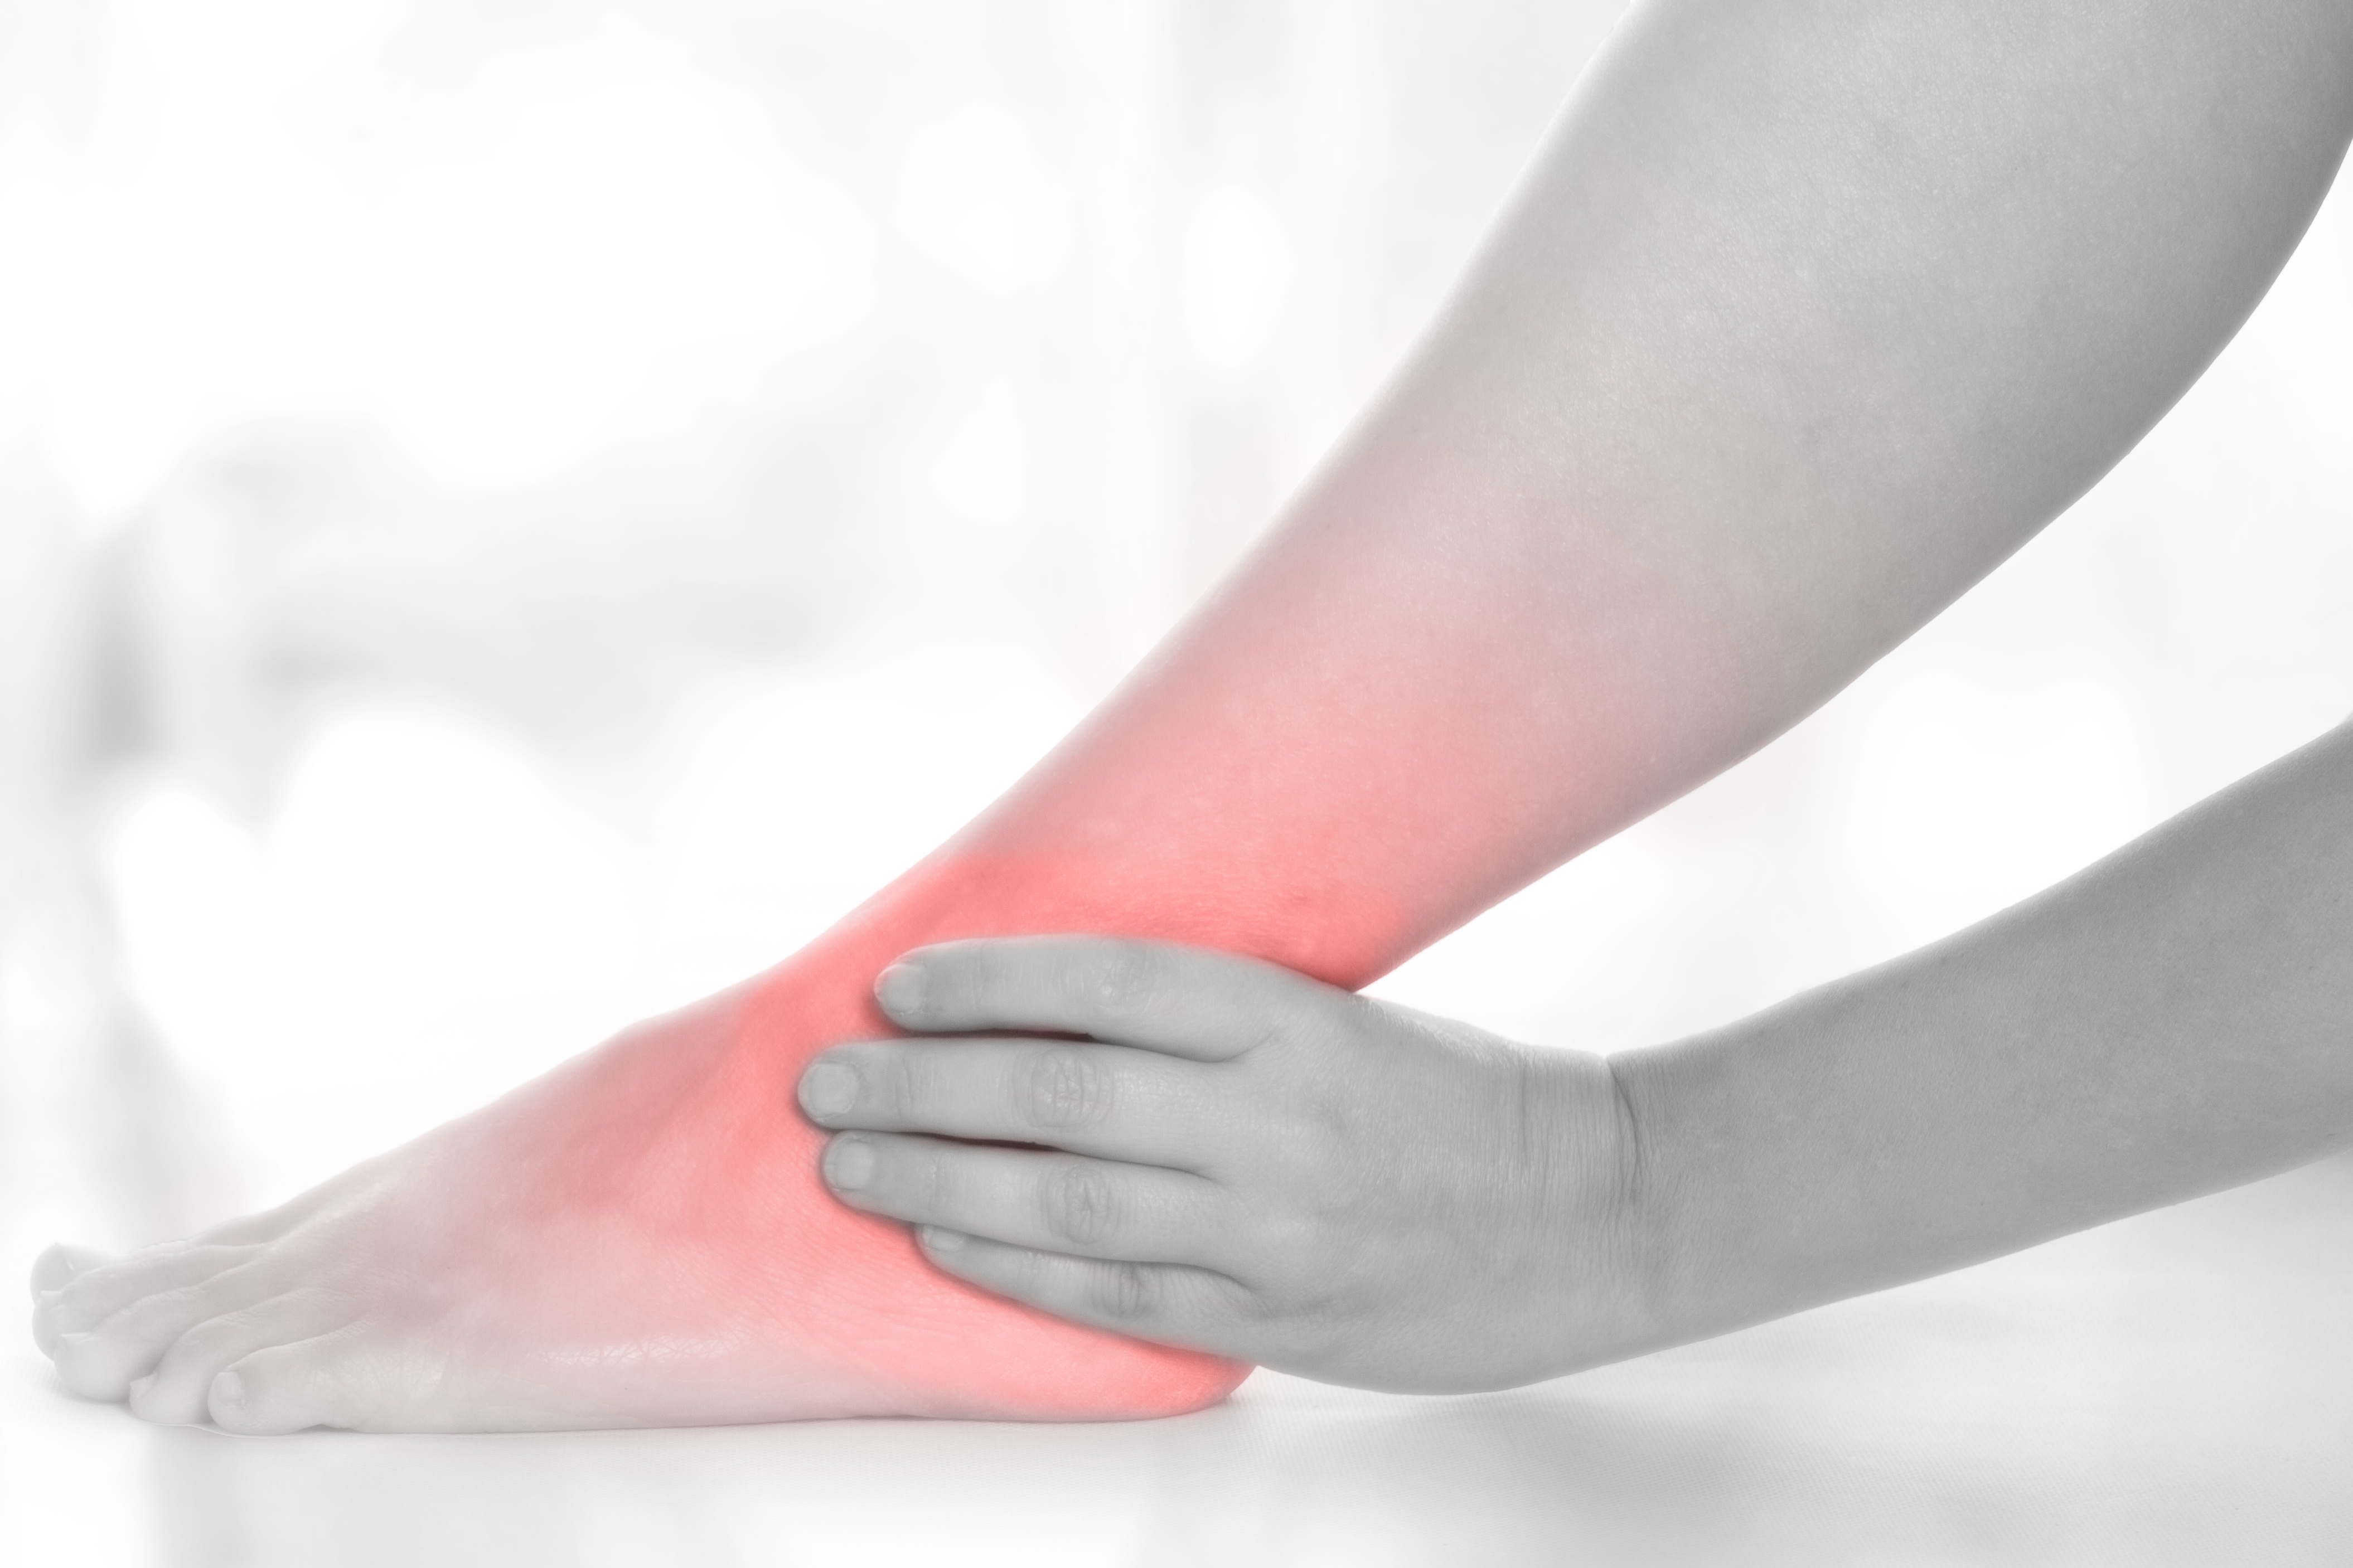 Achillessehne Schmerzen Hausmittel